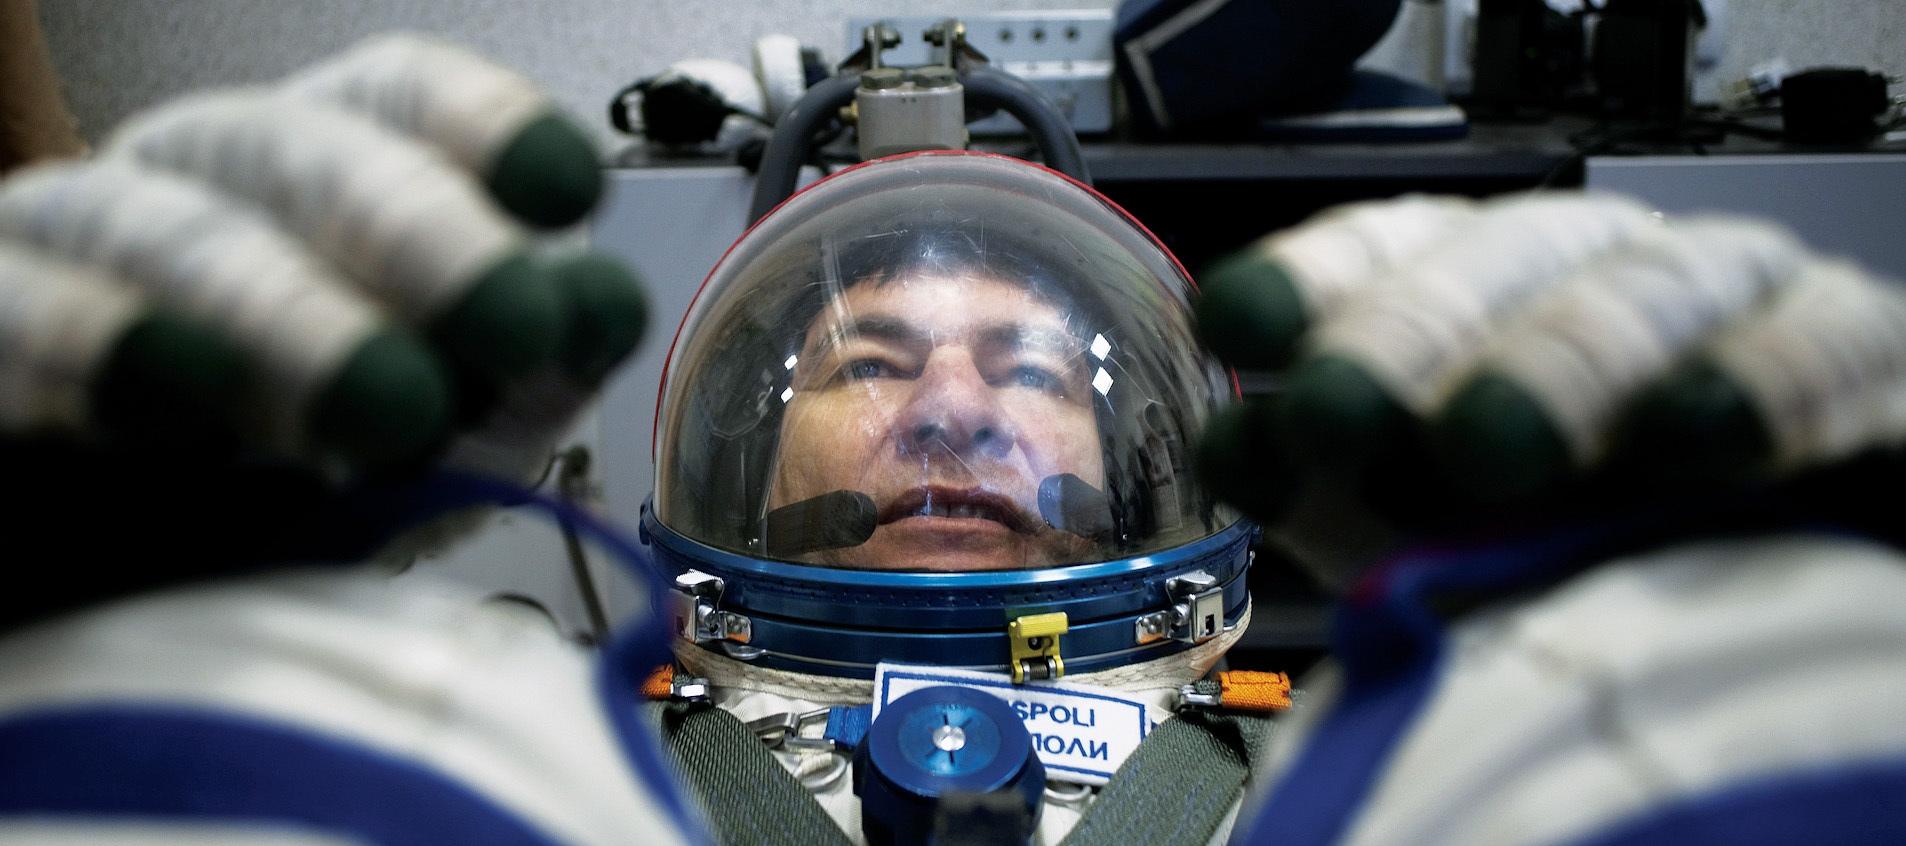 Paolo Nespoli: in diretta dallo spazio, guarda il video LIVE